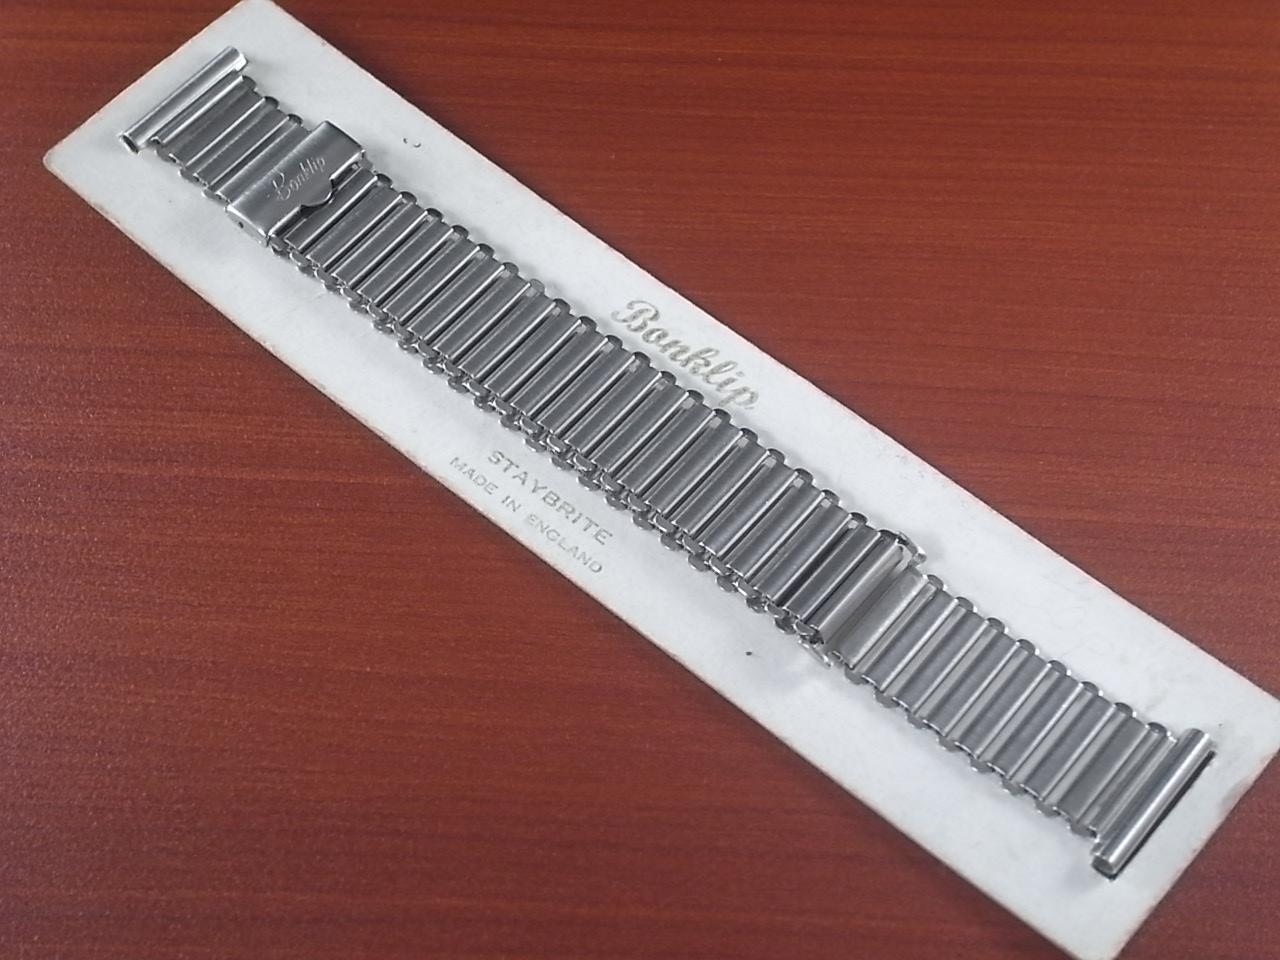 ボンクリップ バンブーブレス 筆記体ロゴ 幅広16mmタイプ 18mmのメイン写真